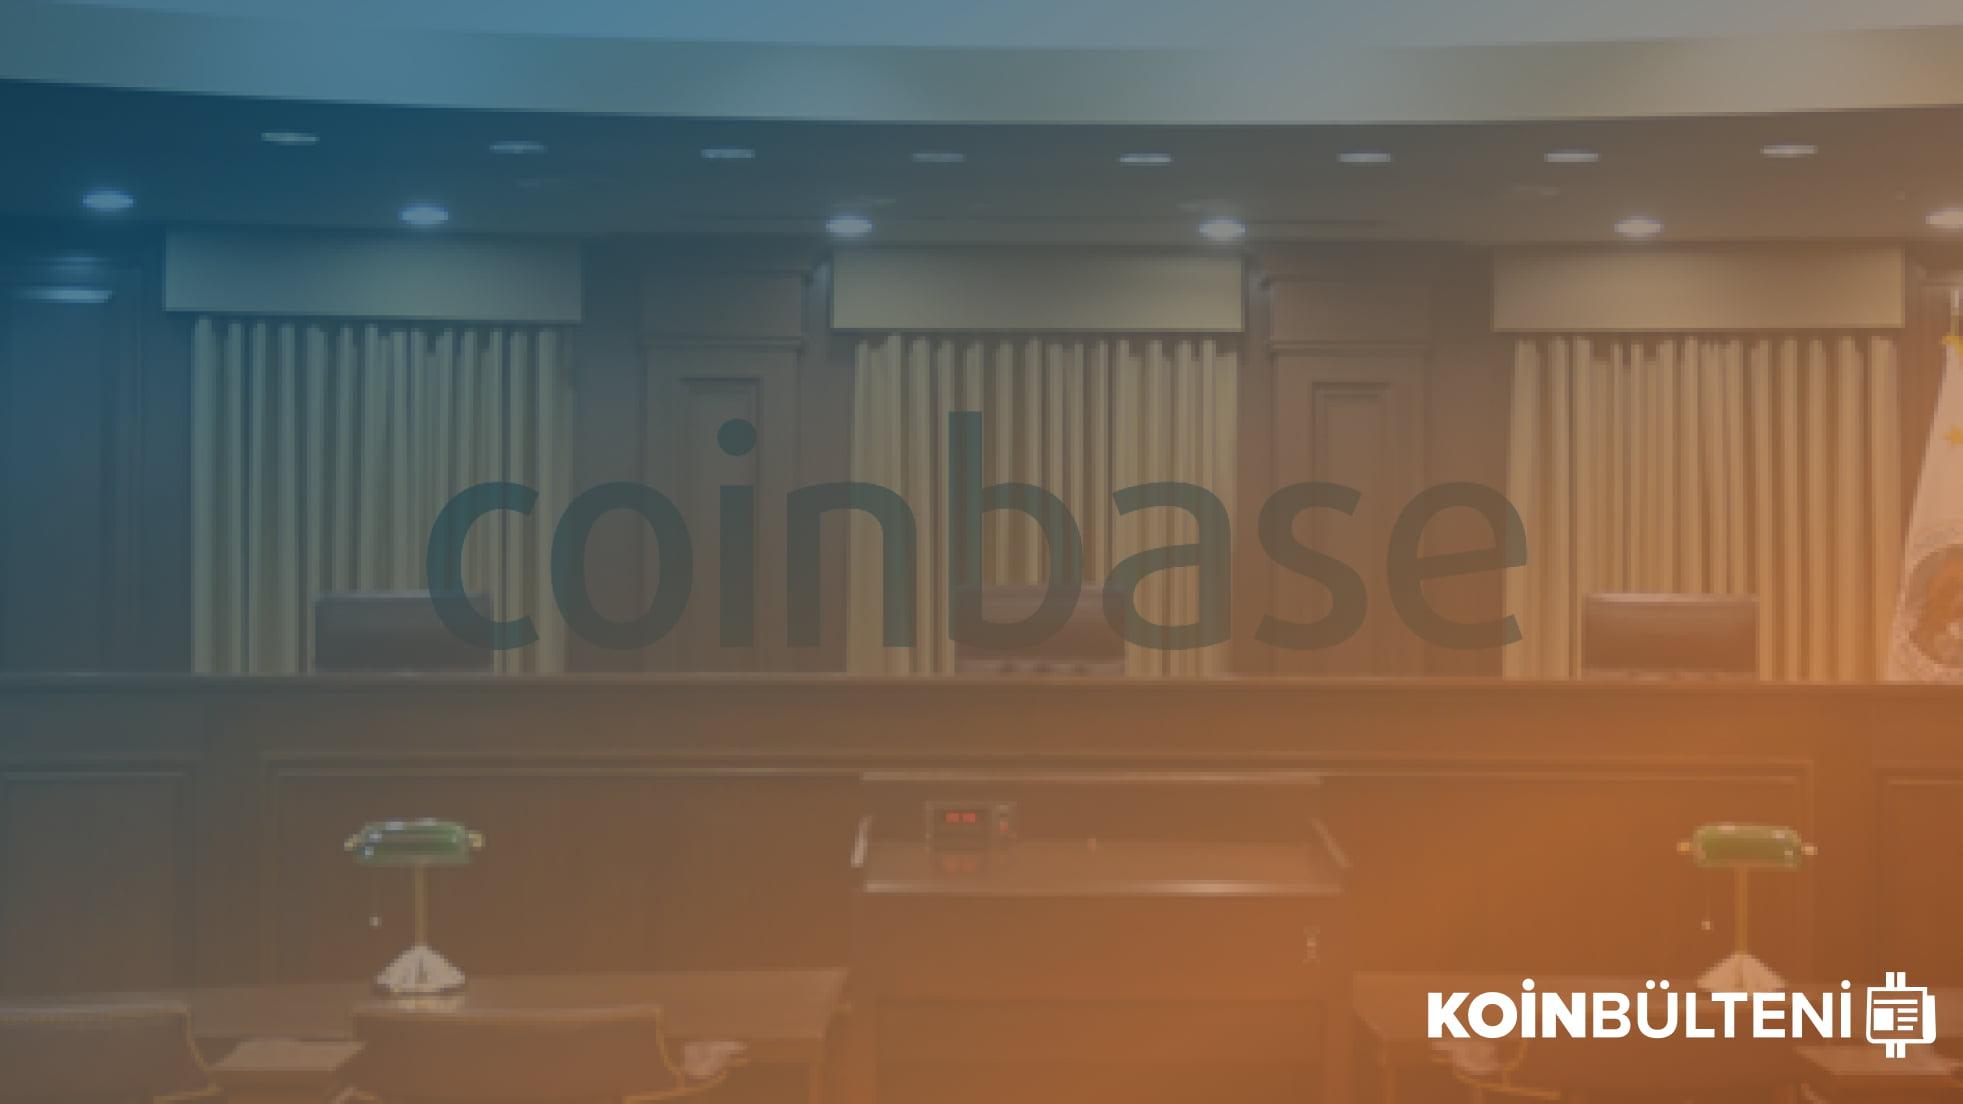 coinbase-kripto-para-sec-dava-yasal-xrp-coin-token-aciklama-haber